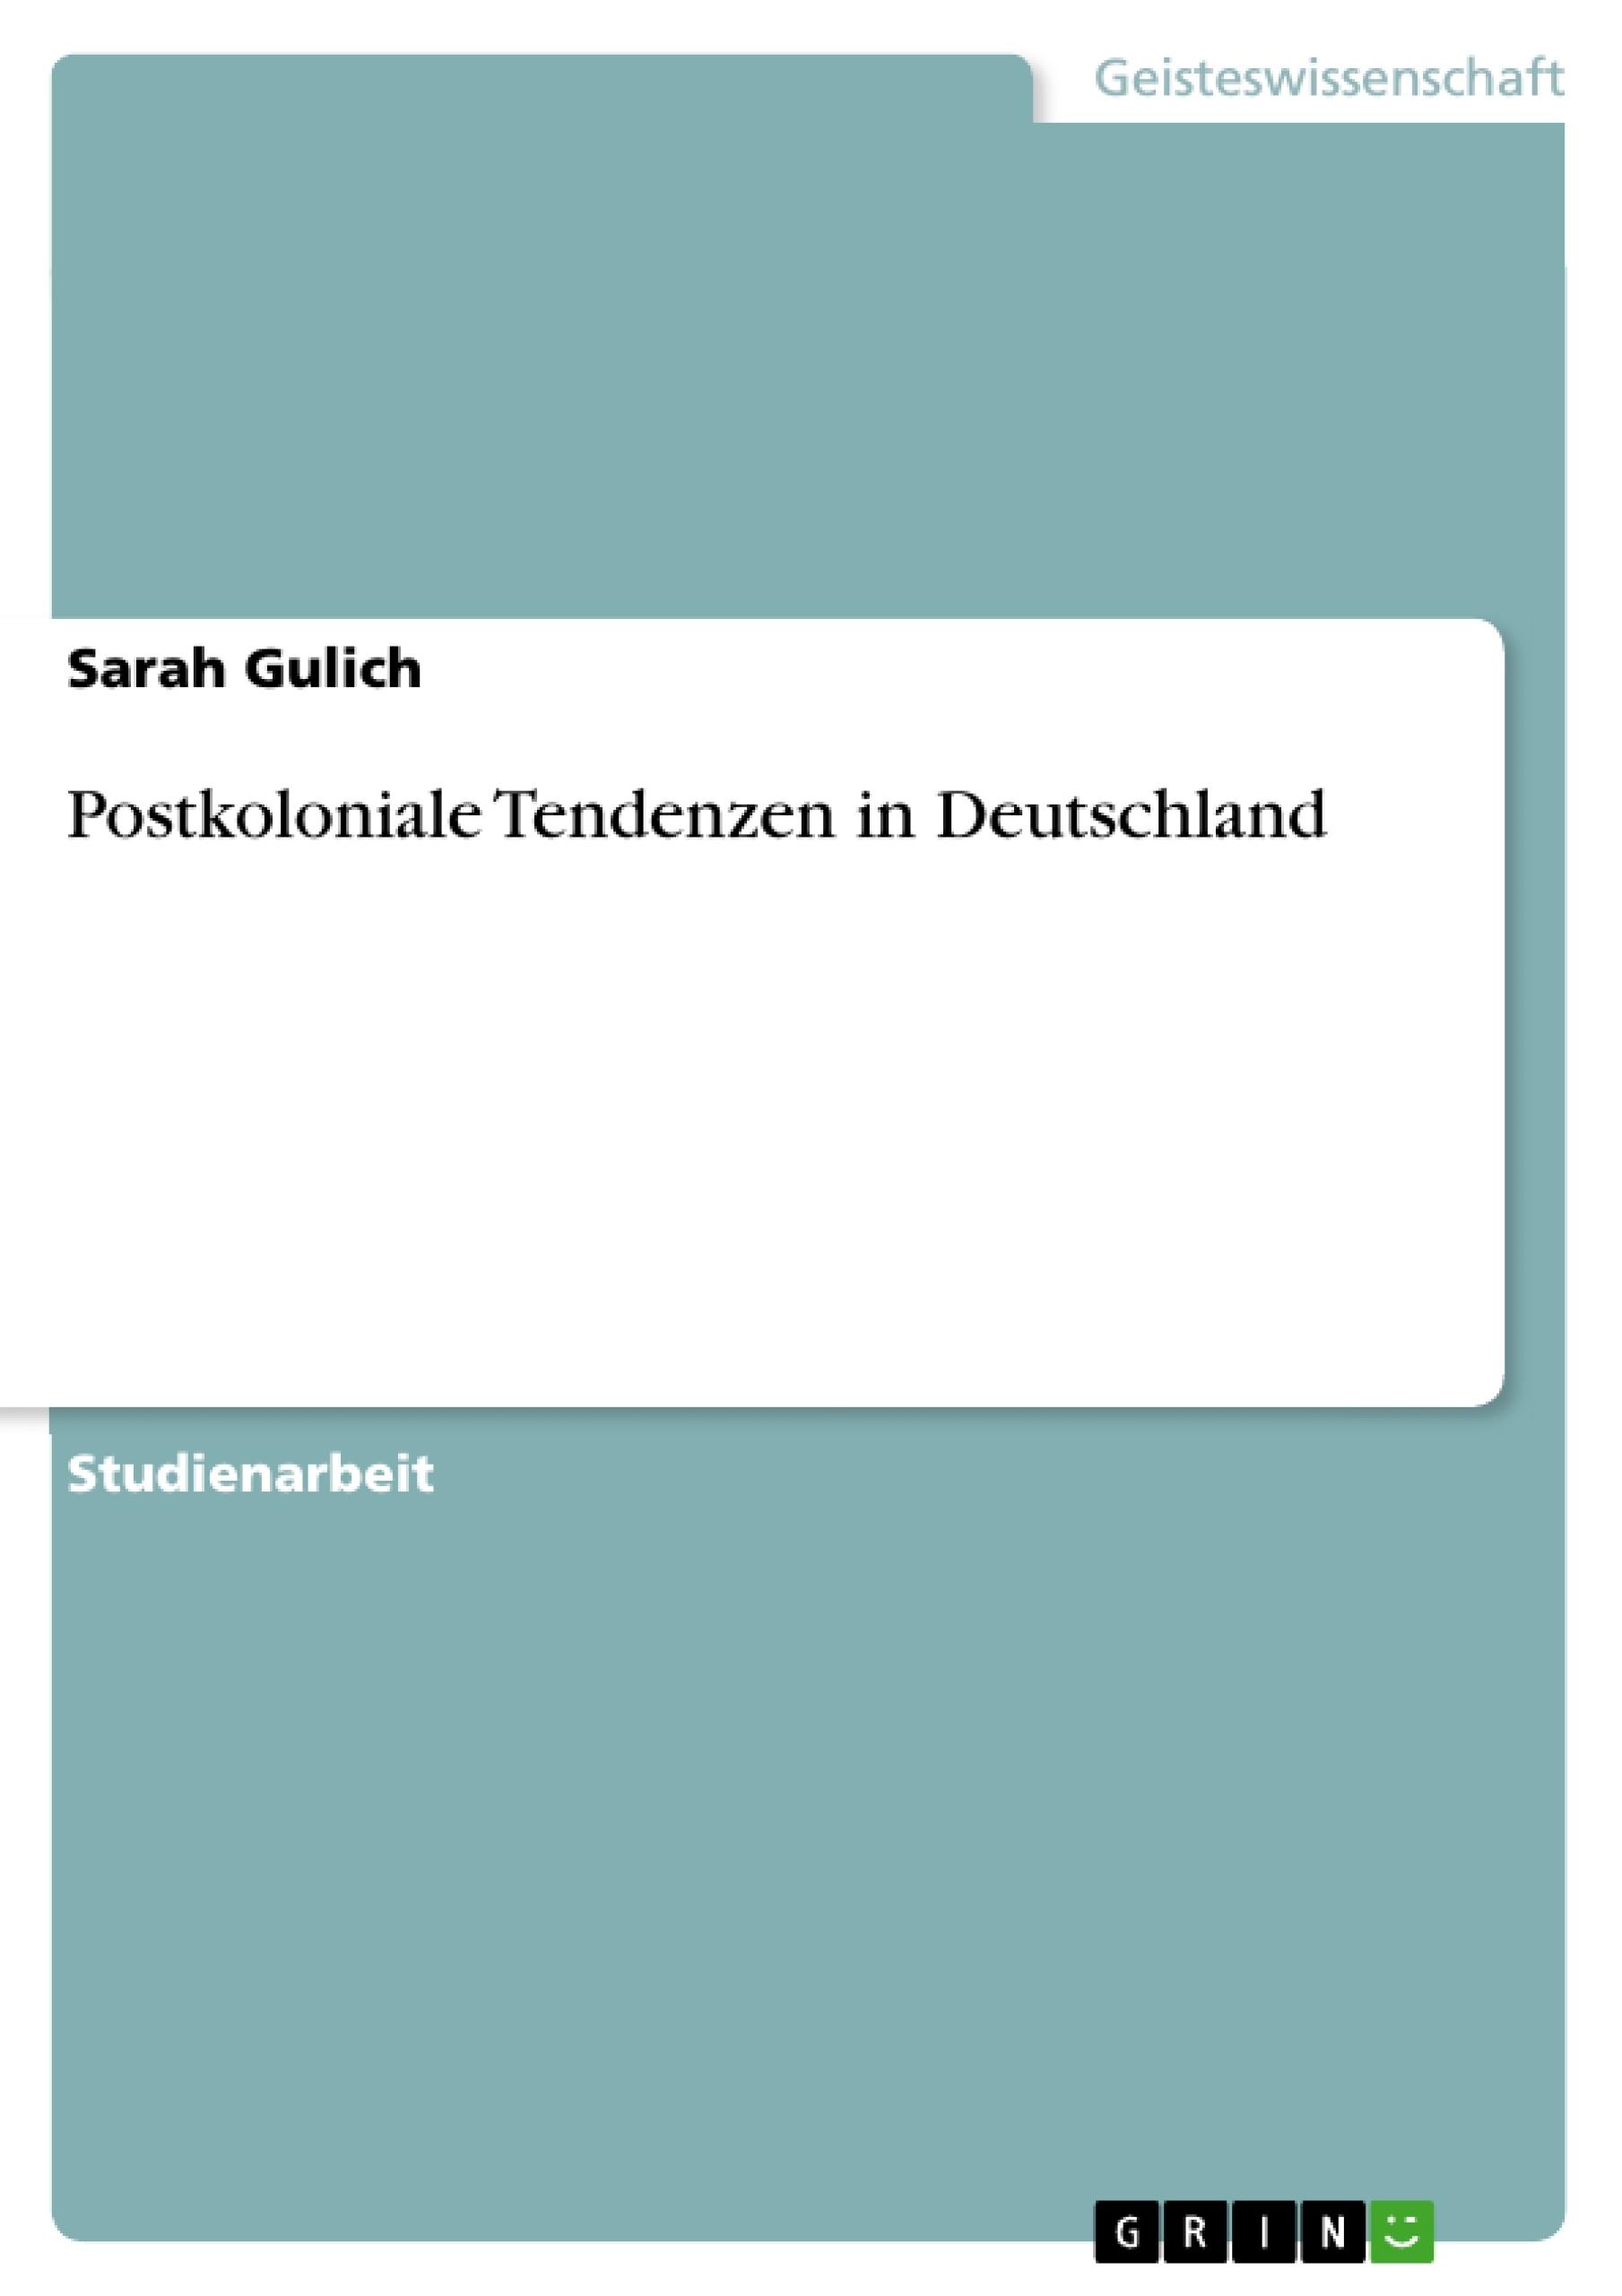 Titel: Postkoloniale Tendenzen in Deutschland